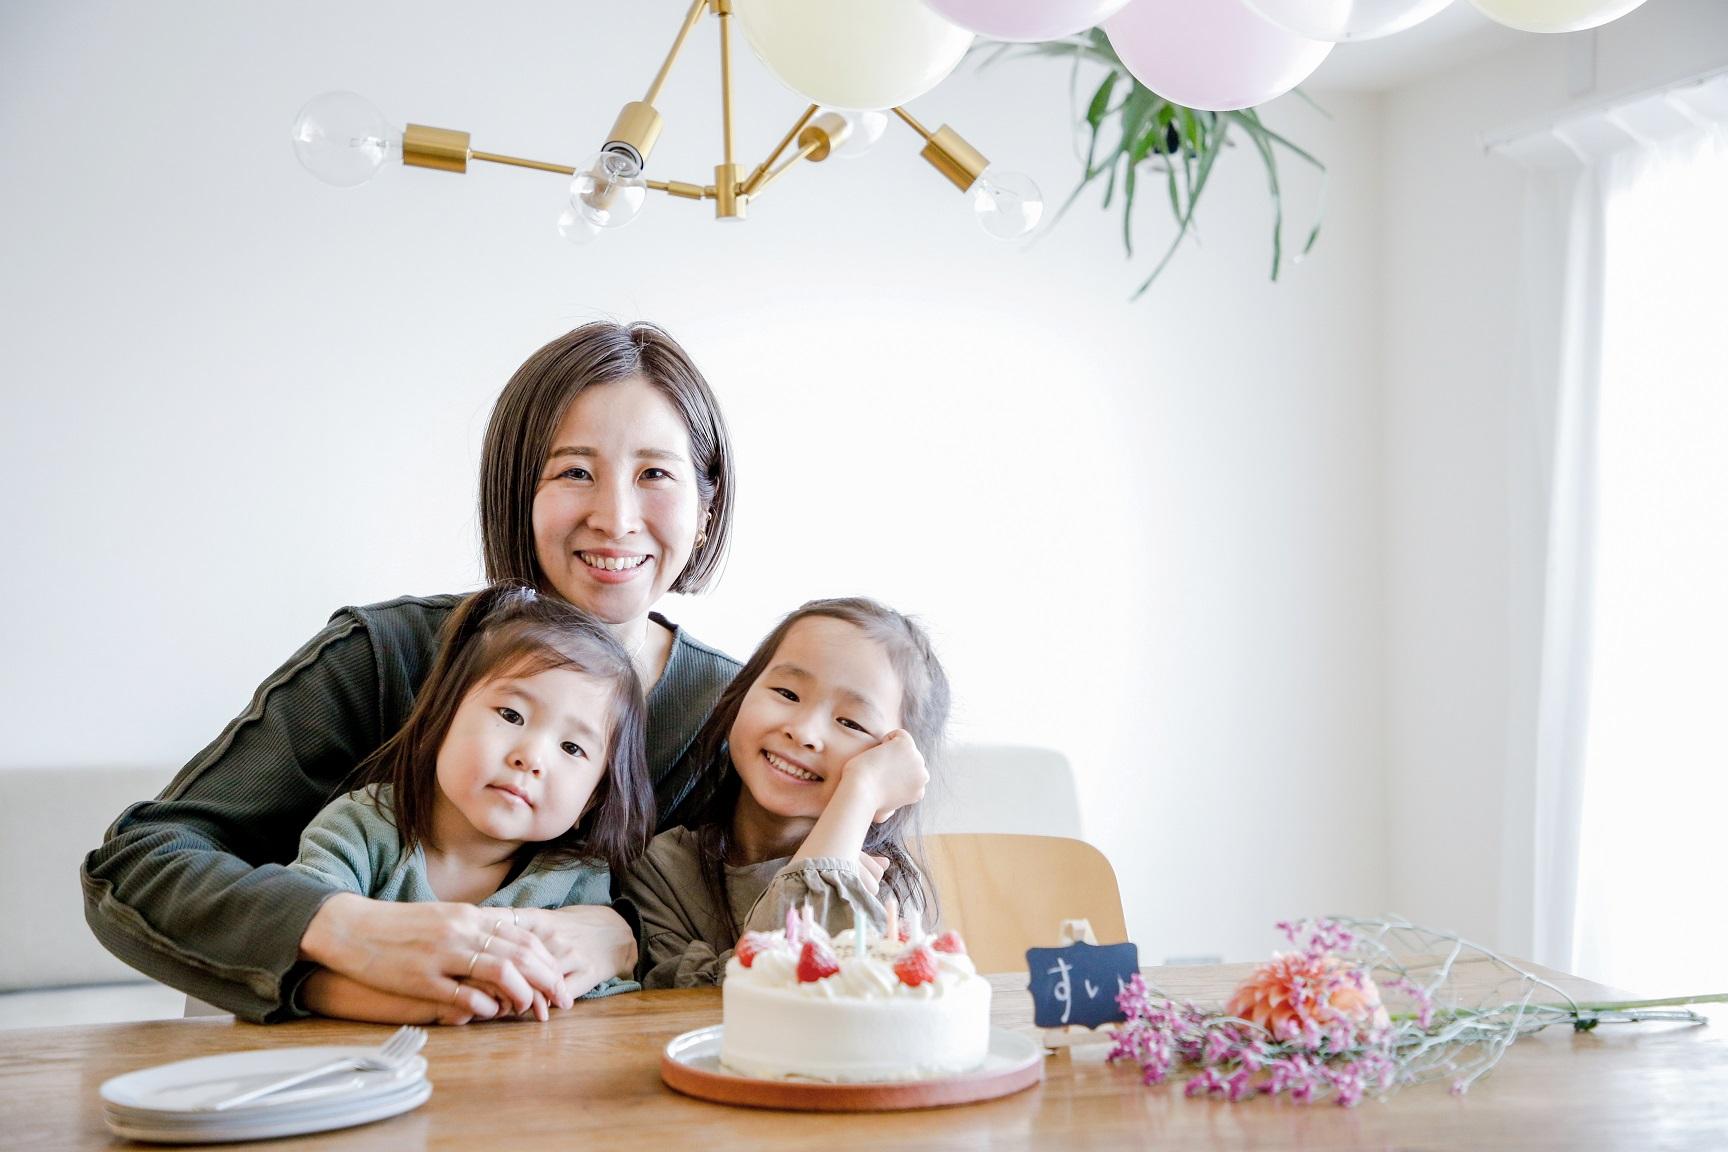 子どもの誕生日を特別にする写真撮影・シーンづくりのアイデア5つ